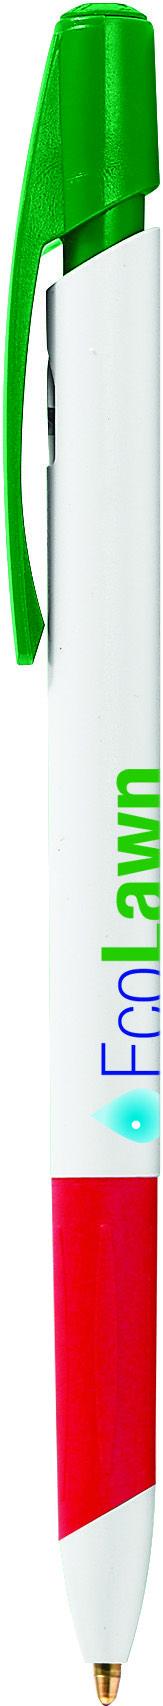 stylo publicitaire écologique - stylo recylé